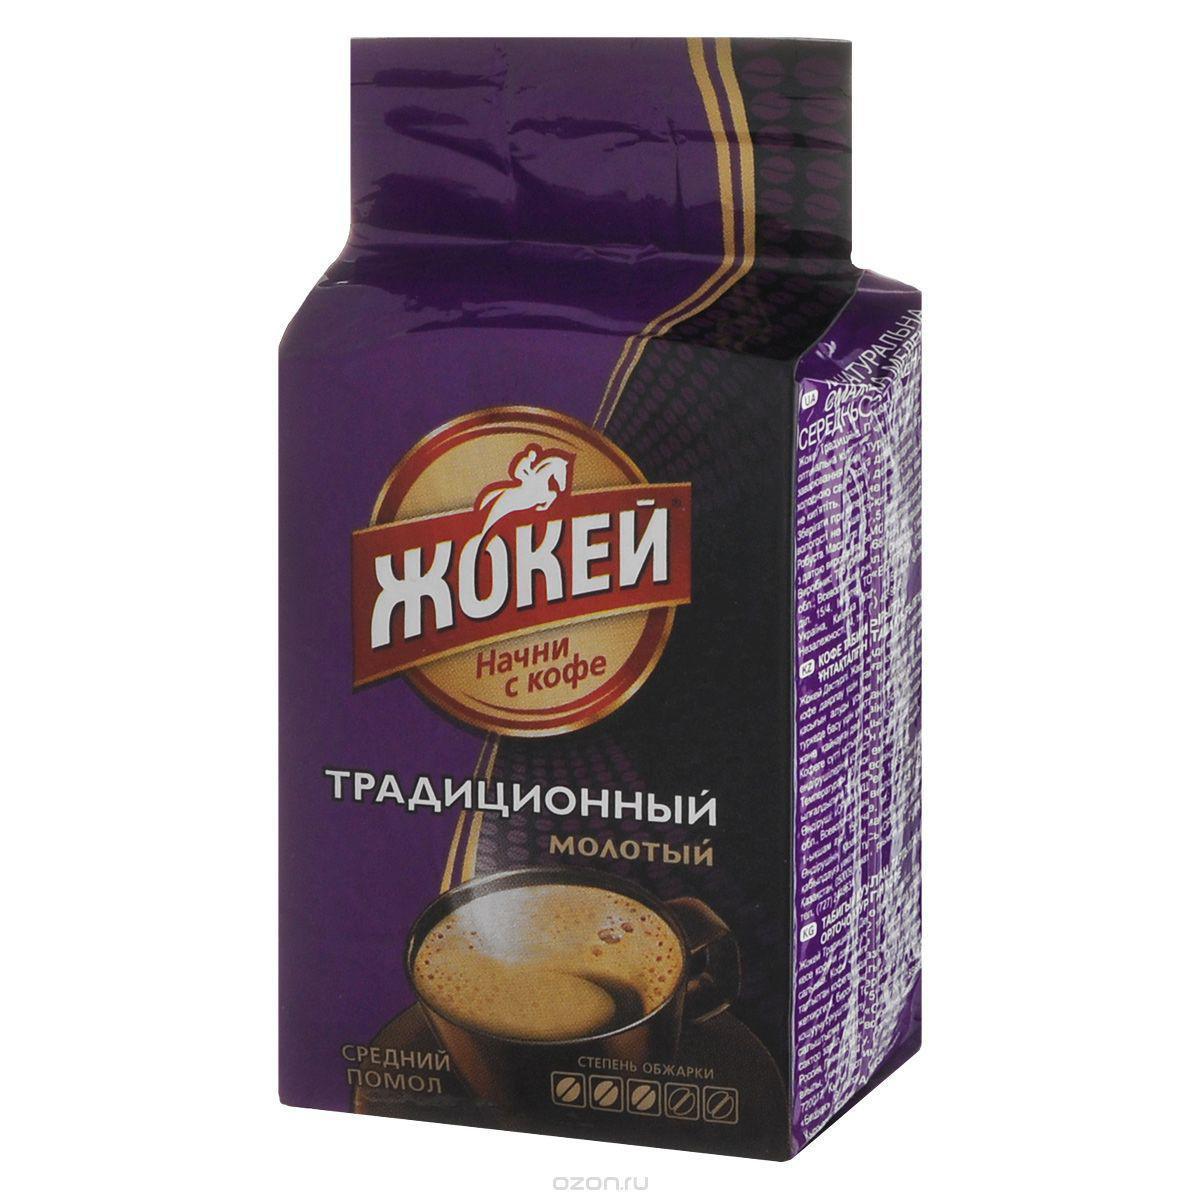 Кофе молотый Жокей Традиционный 450 г